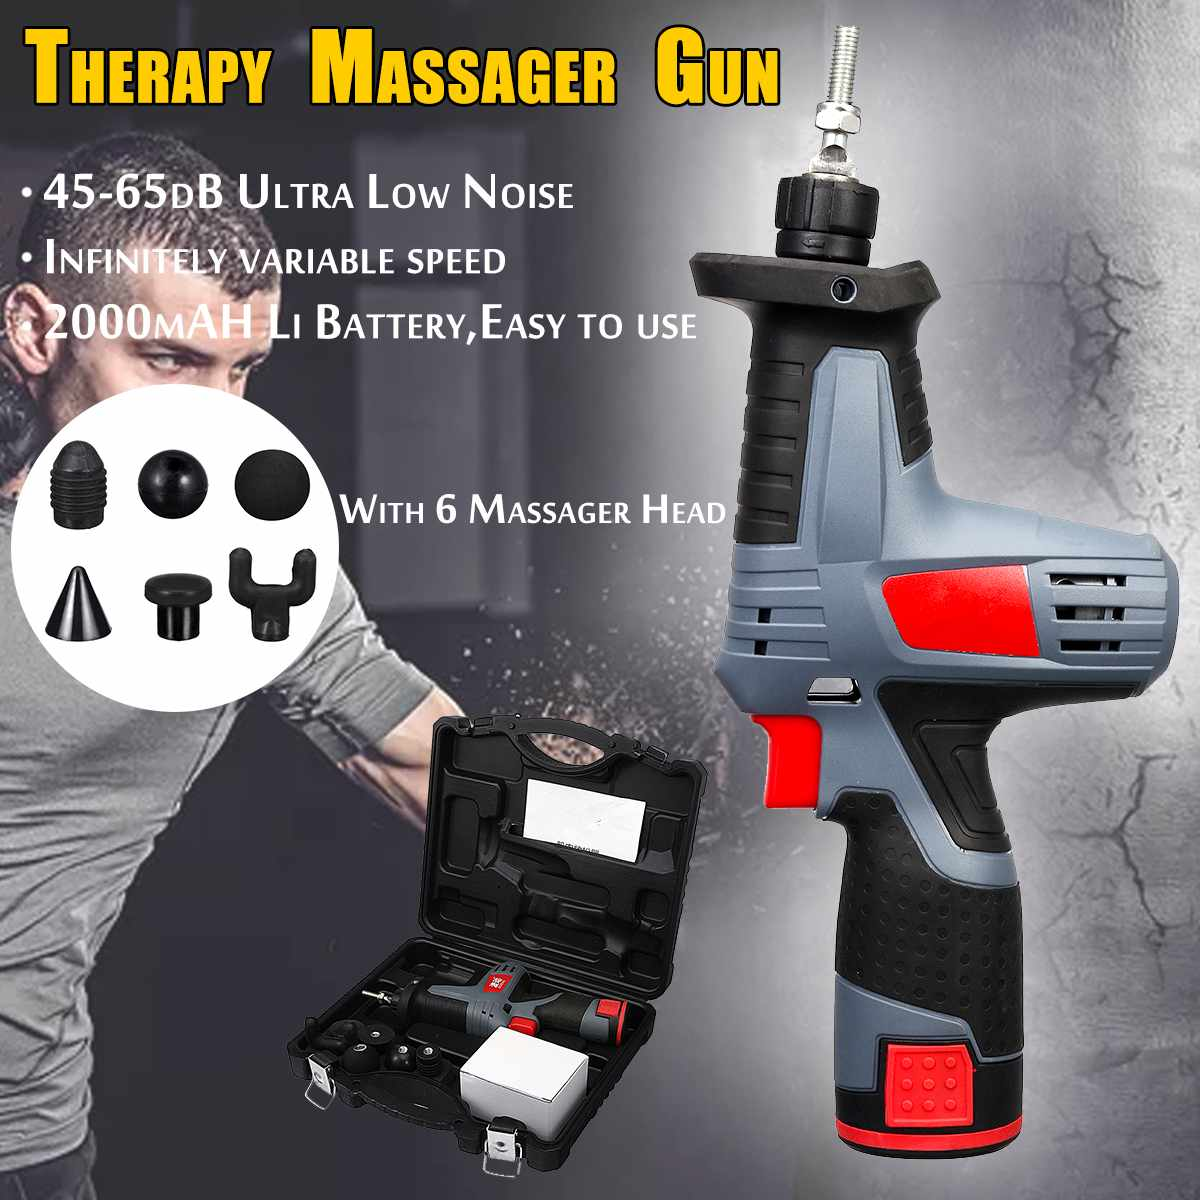 6 pistolet de Massage musculaire pistolets de Fascia professionnels masseur de Relaxation musculaire Gym haute fréquence Vibration pistolet de Massage à Percussion